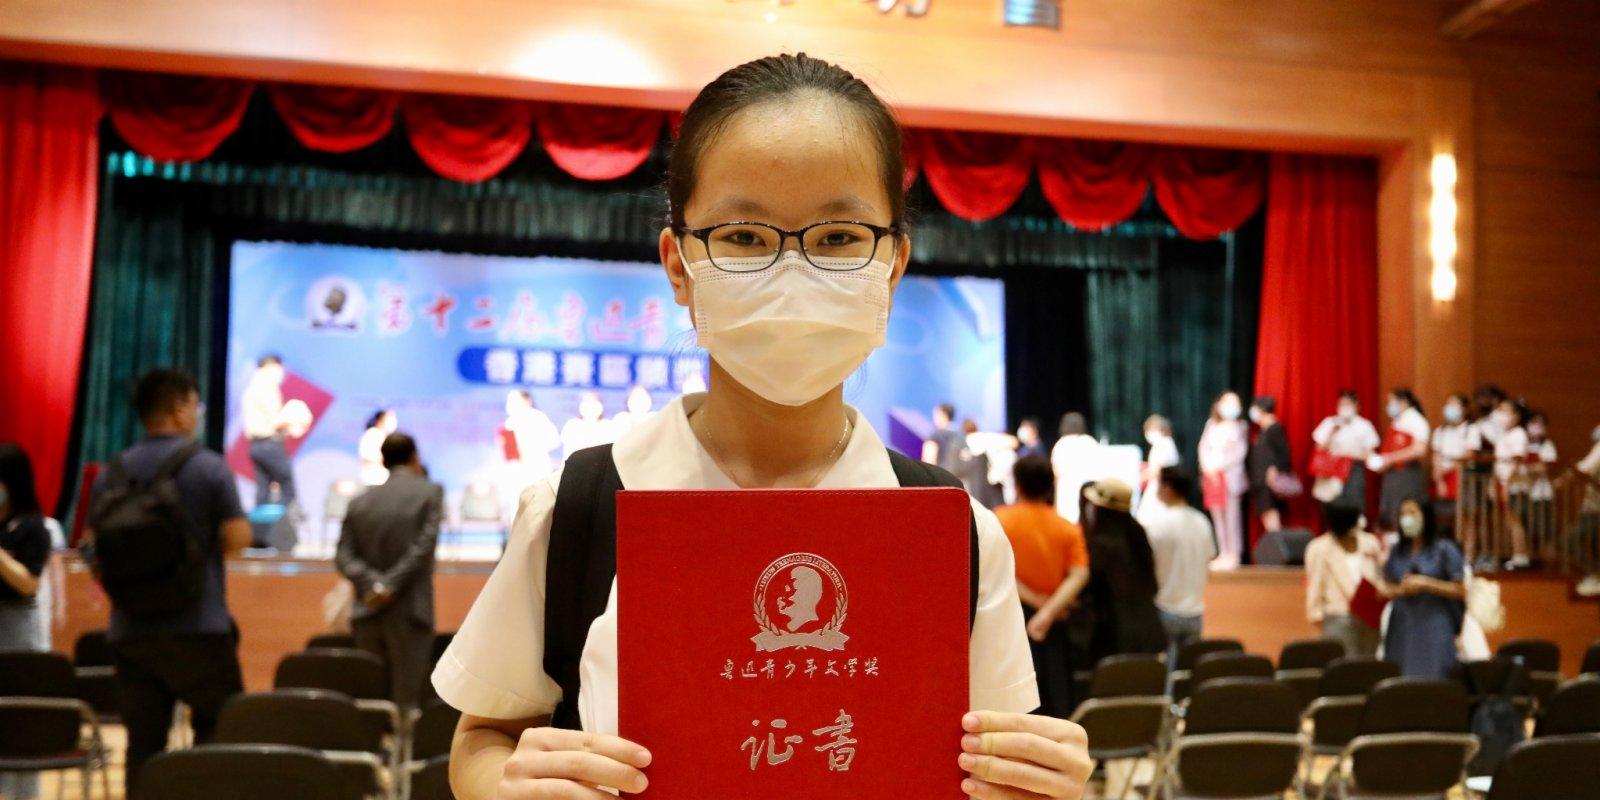 榮獲魯青獎香港賽區特等獎 他們這樣激勵青少年